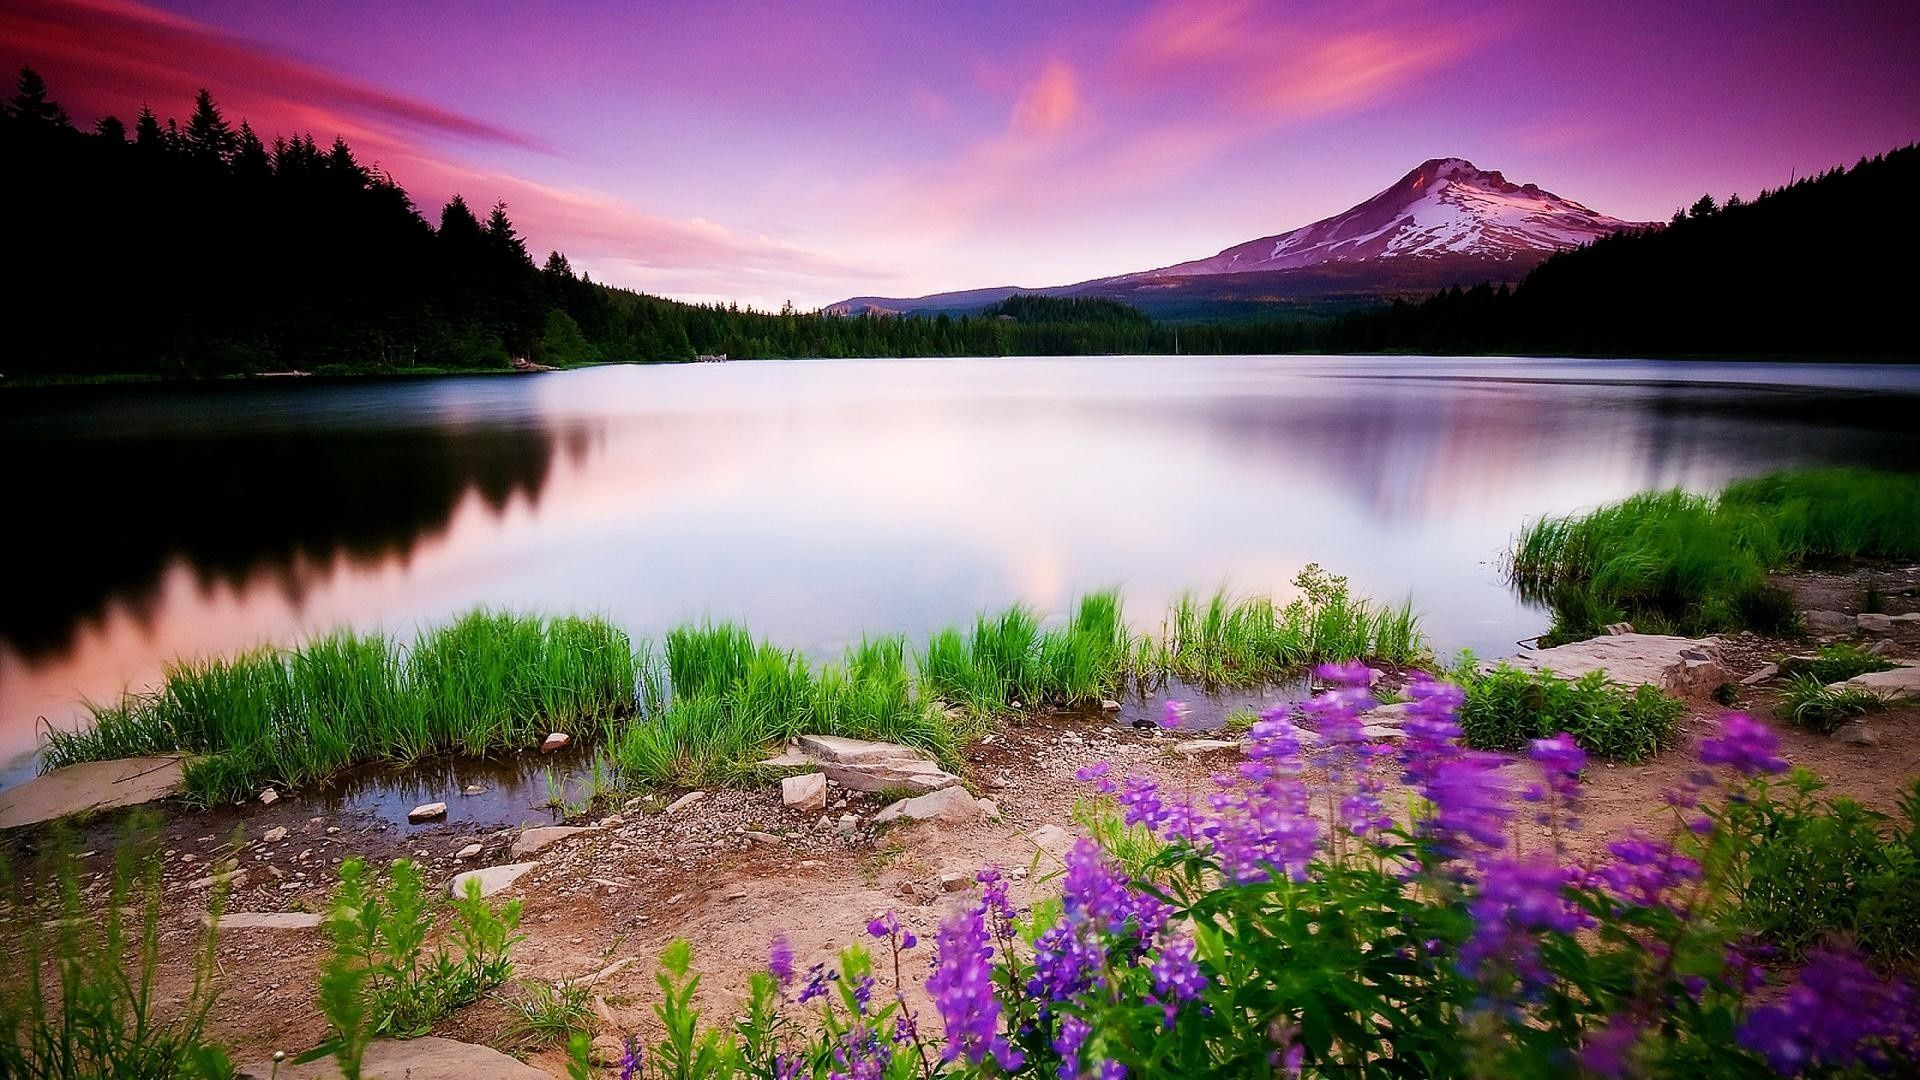 Colorful Nature Landscape Pictures Hd Landscape Nature Images